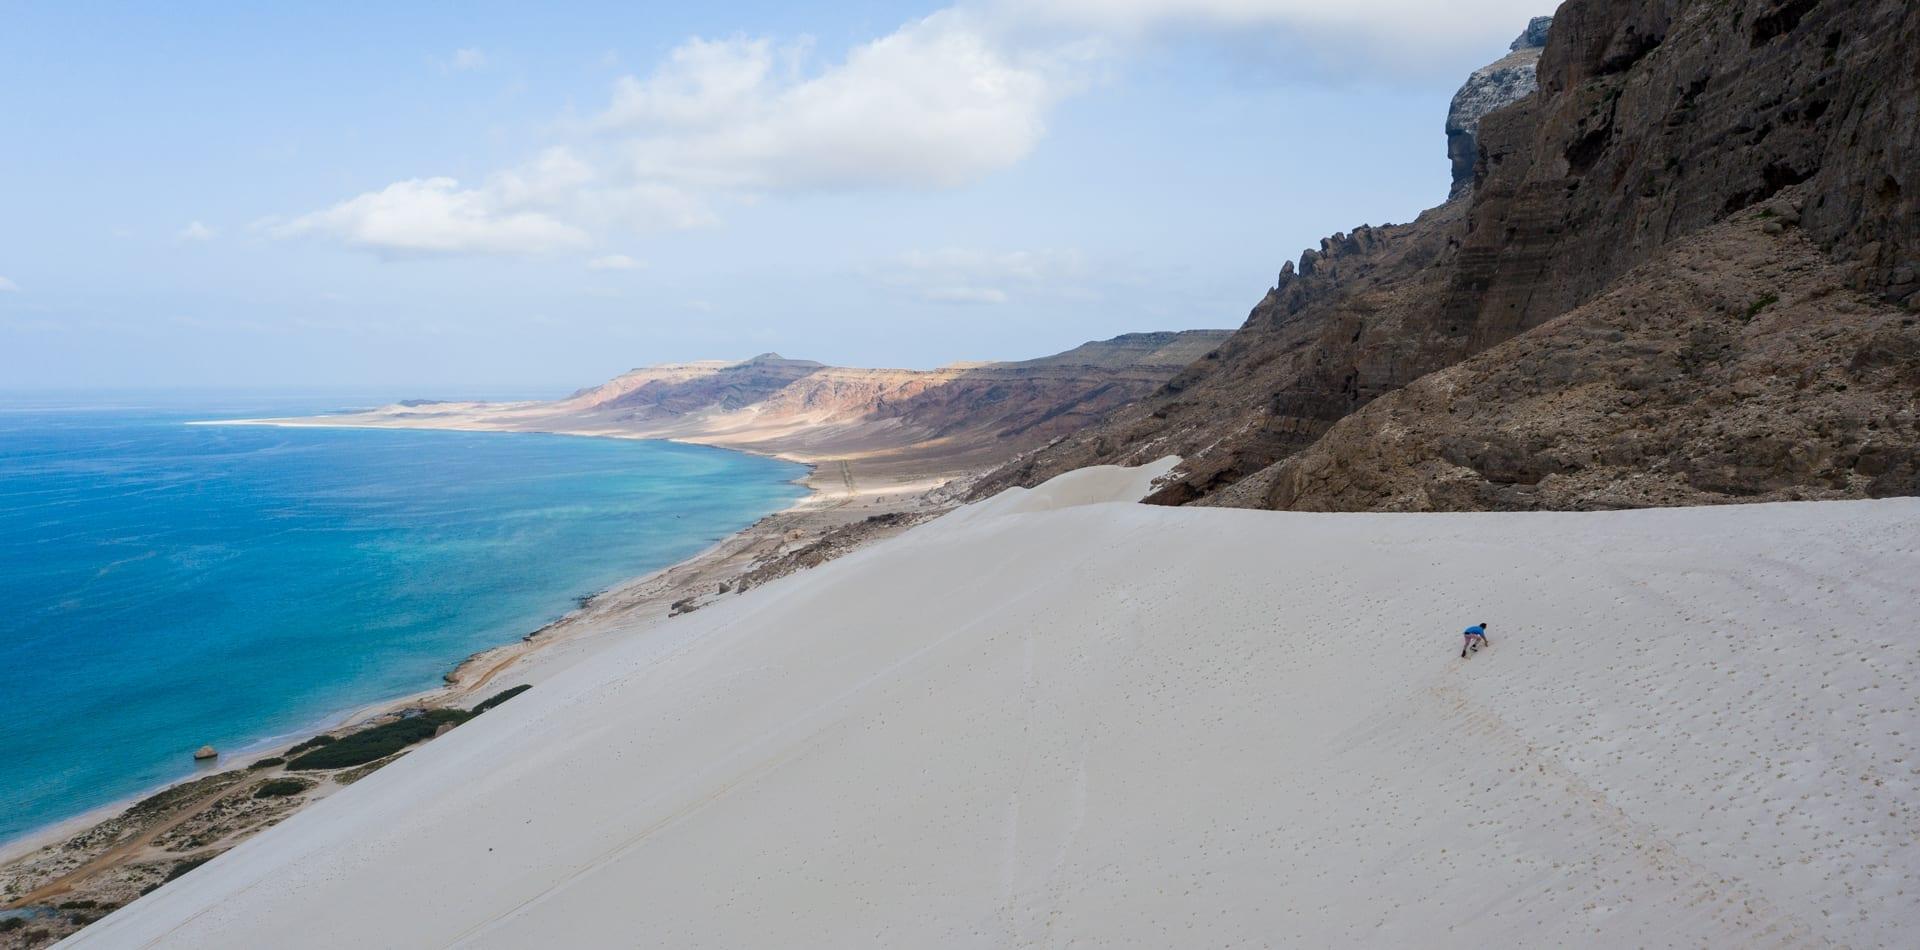 Sea meets towering dunes in Socotra